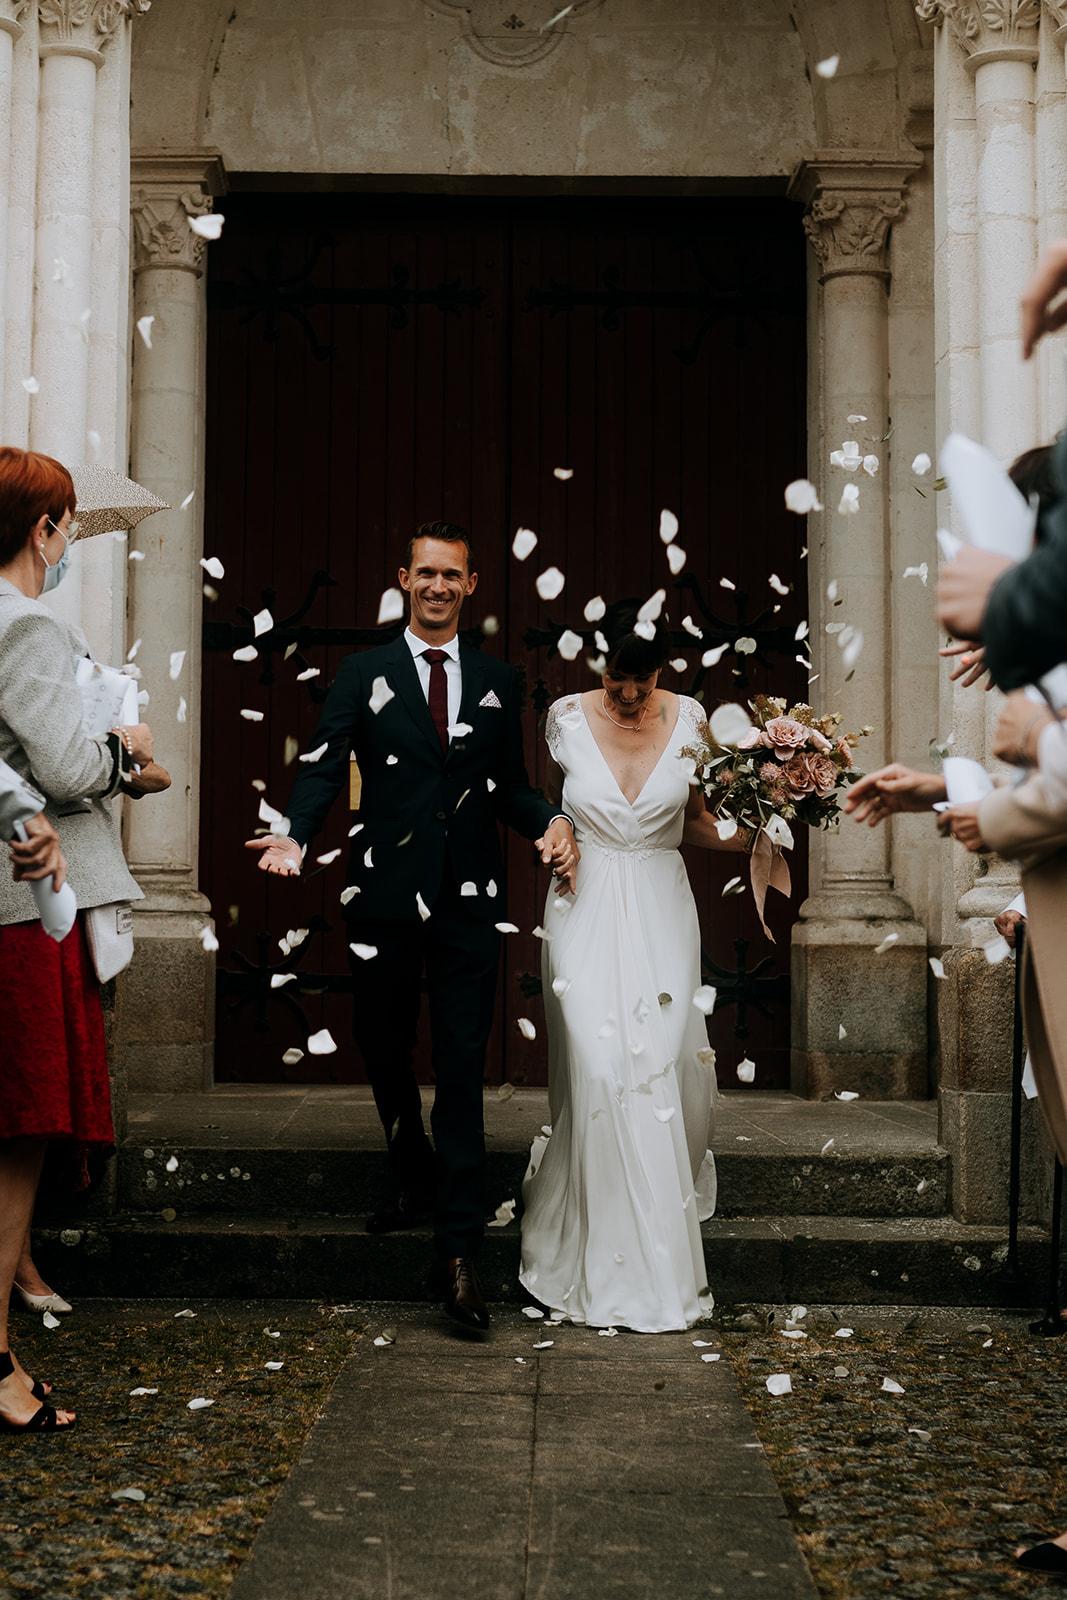 Sortie d'église cérémonie religieuse mariage catholique couple de mariés